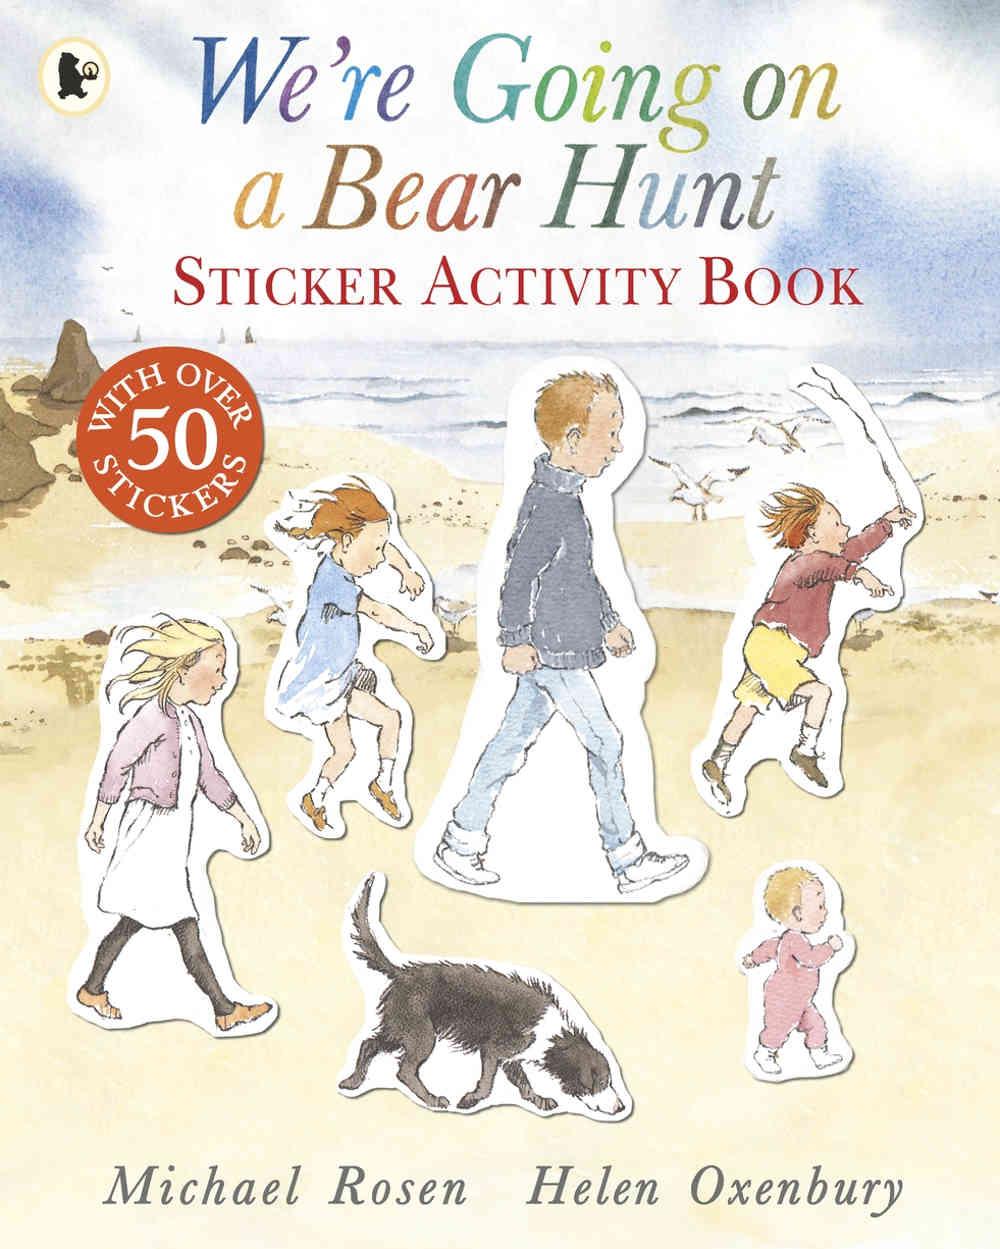 książeczka z naklejkami dla dzieci po angielsku